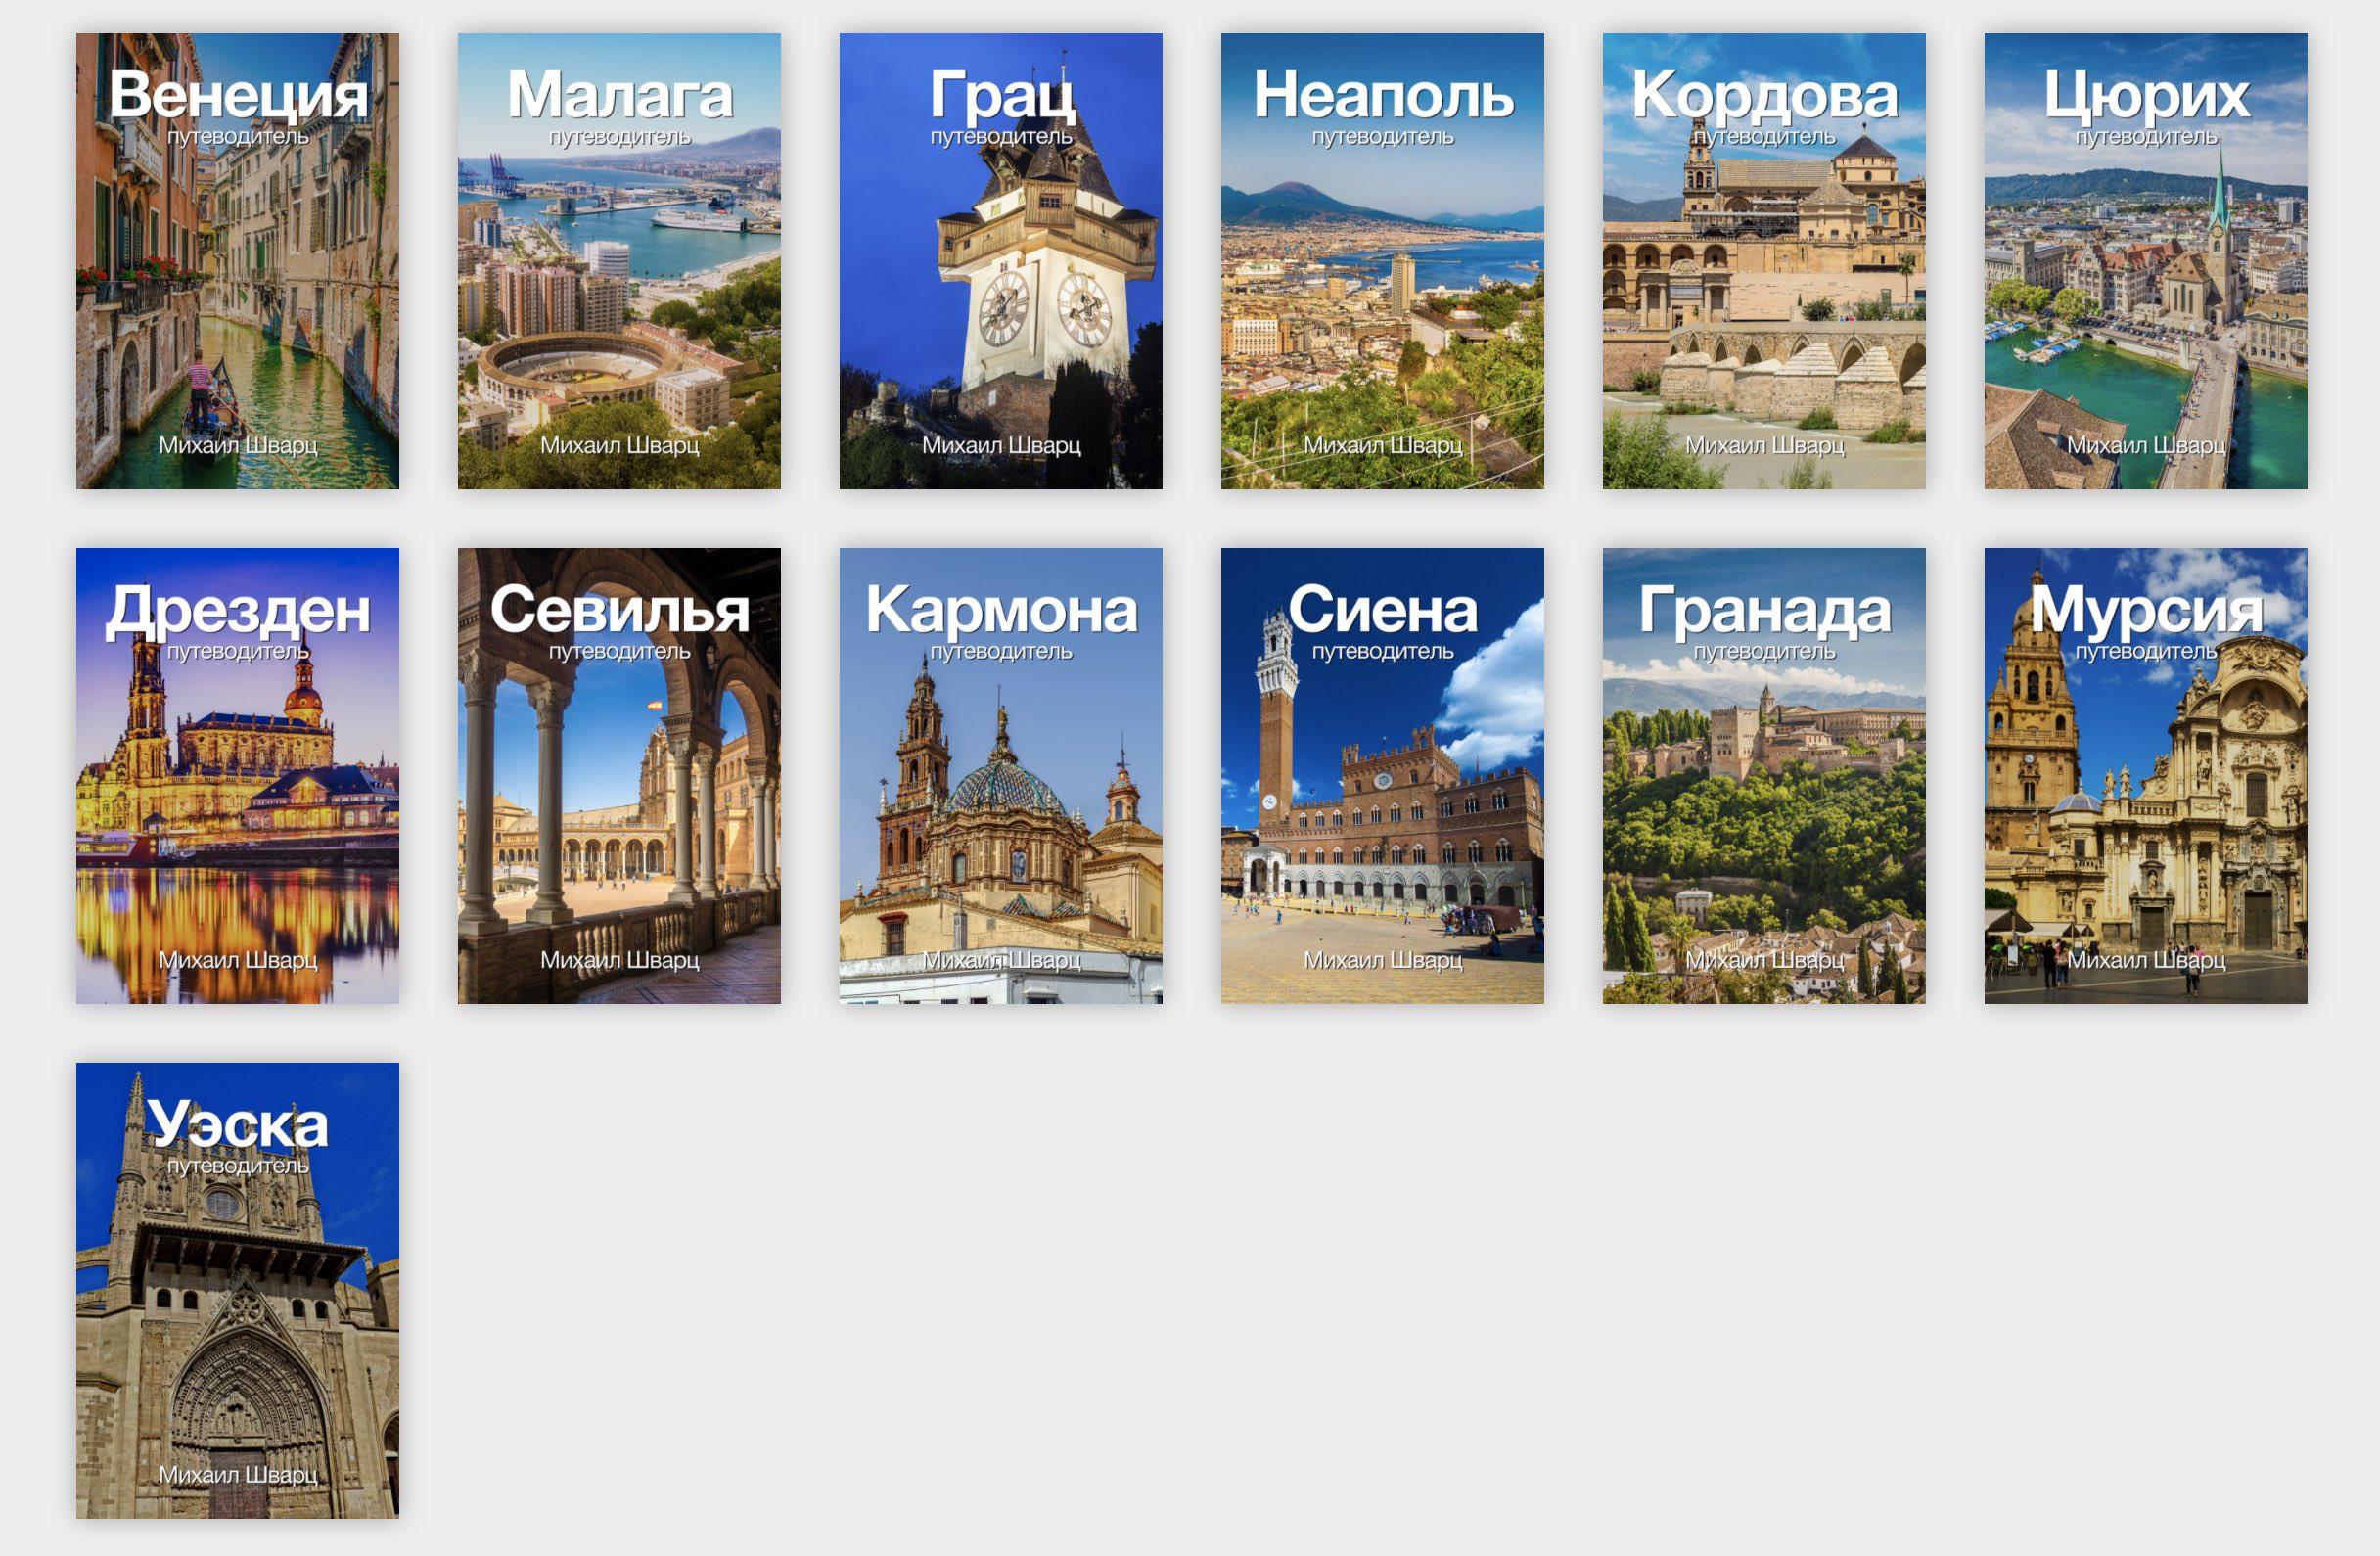 a9f0ccd8 b53f 4156 baf3 7be48d39c383 [ЭКСКЛЮЗИВ] 31 PDF Путеводитель по разным городам Европы!